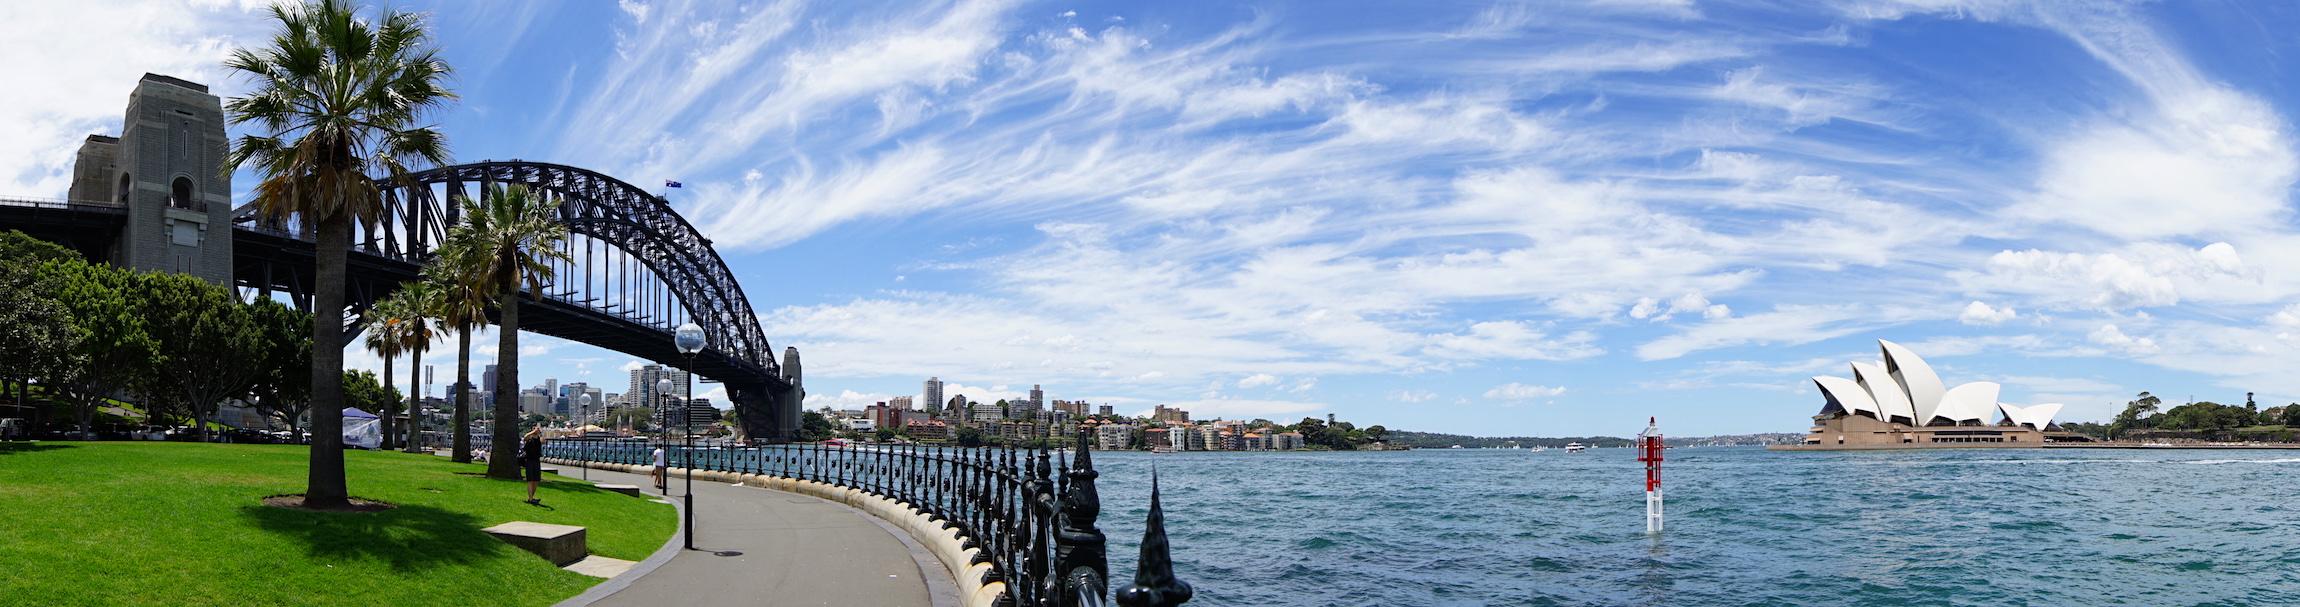 Panoramaaufnahme von der Harbour Bridge, der Bucht und der Oper